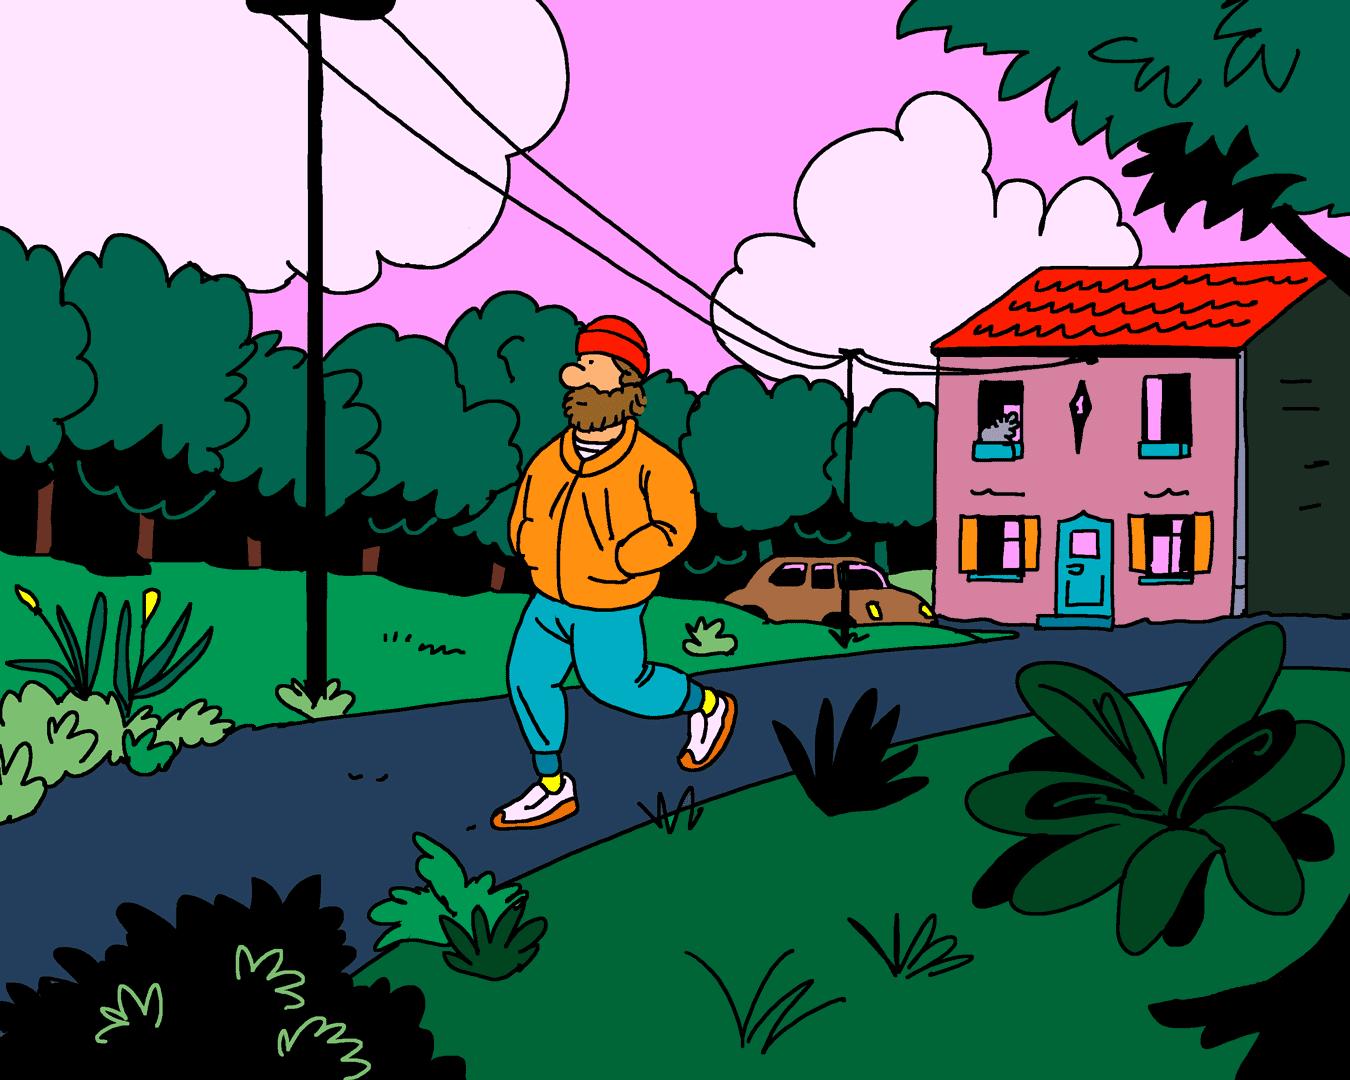 Un homme se promène dans la campagne